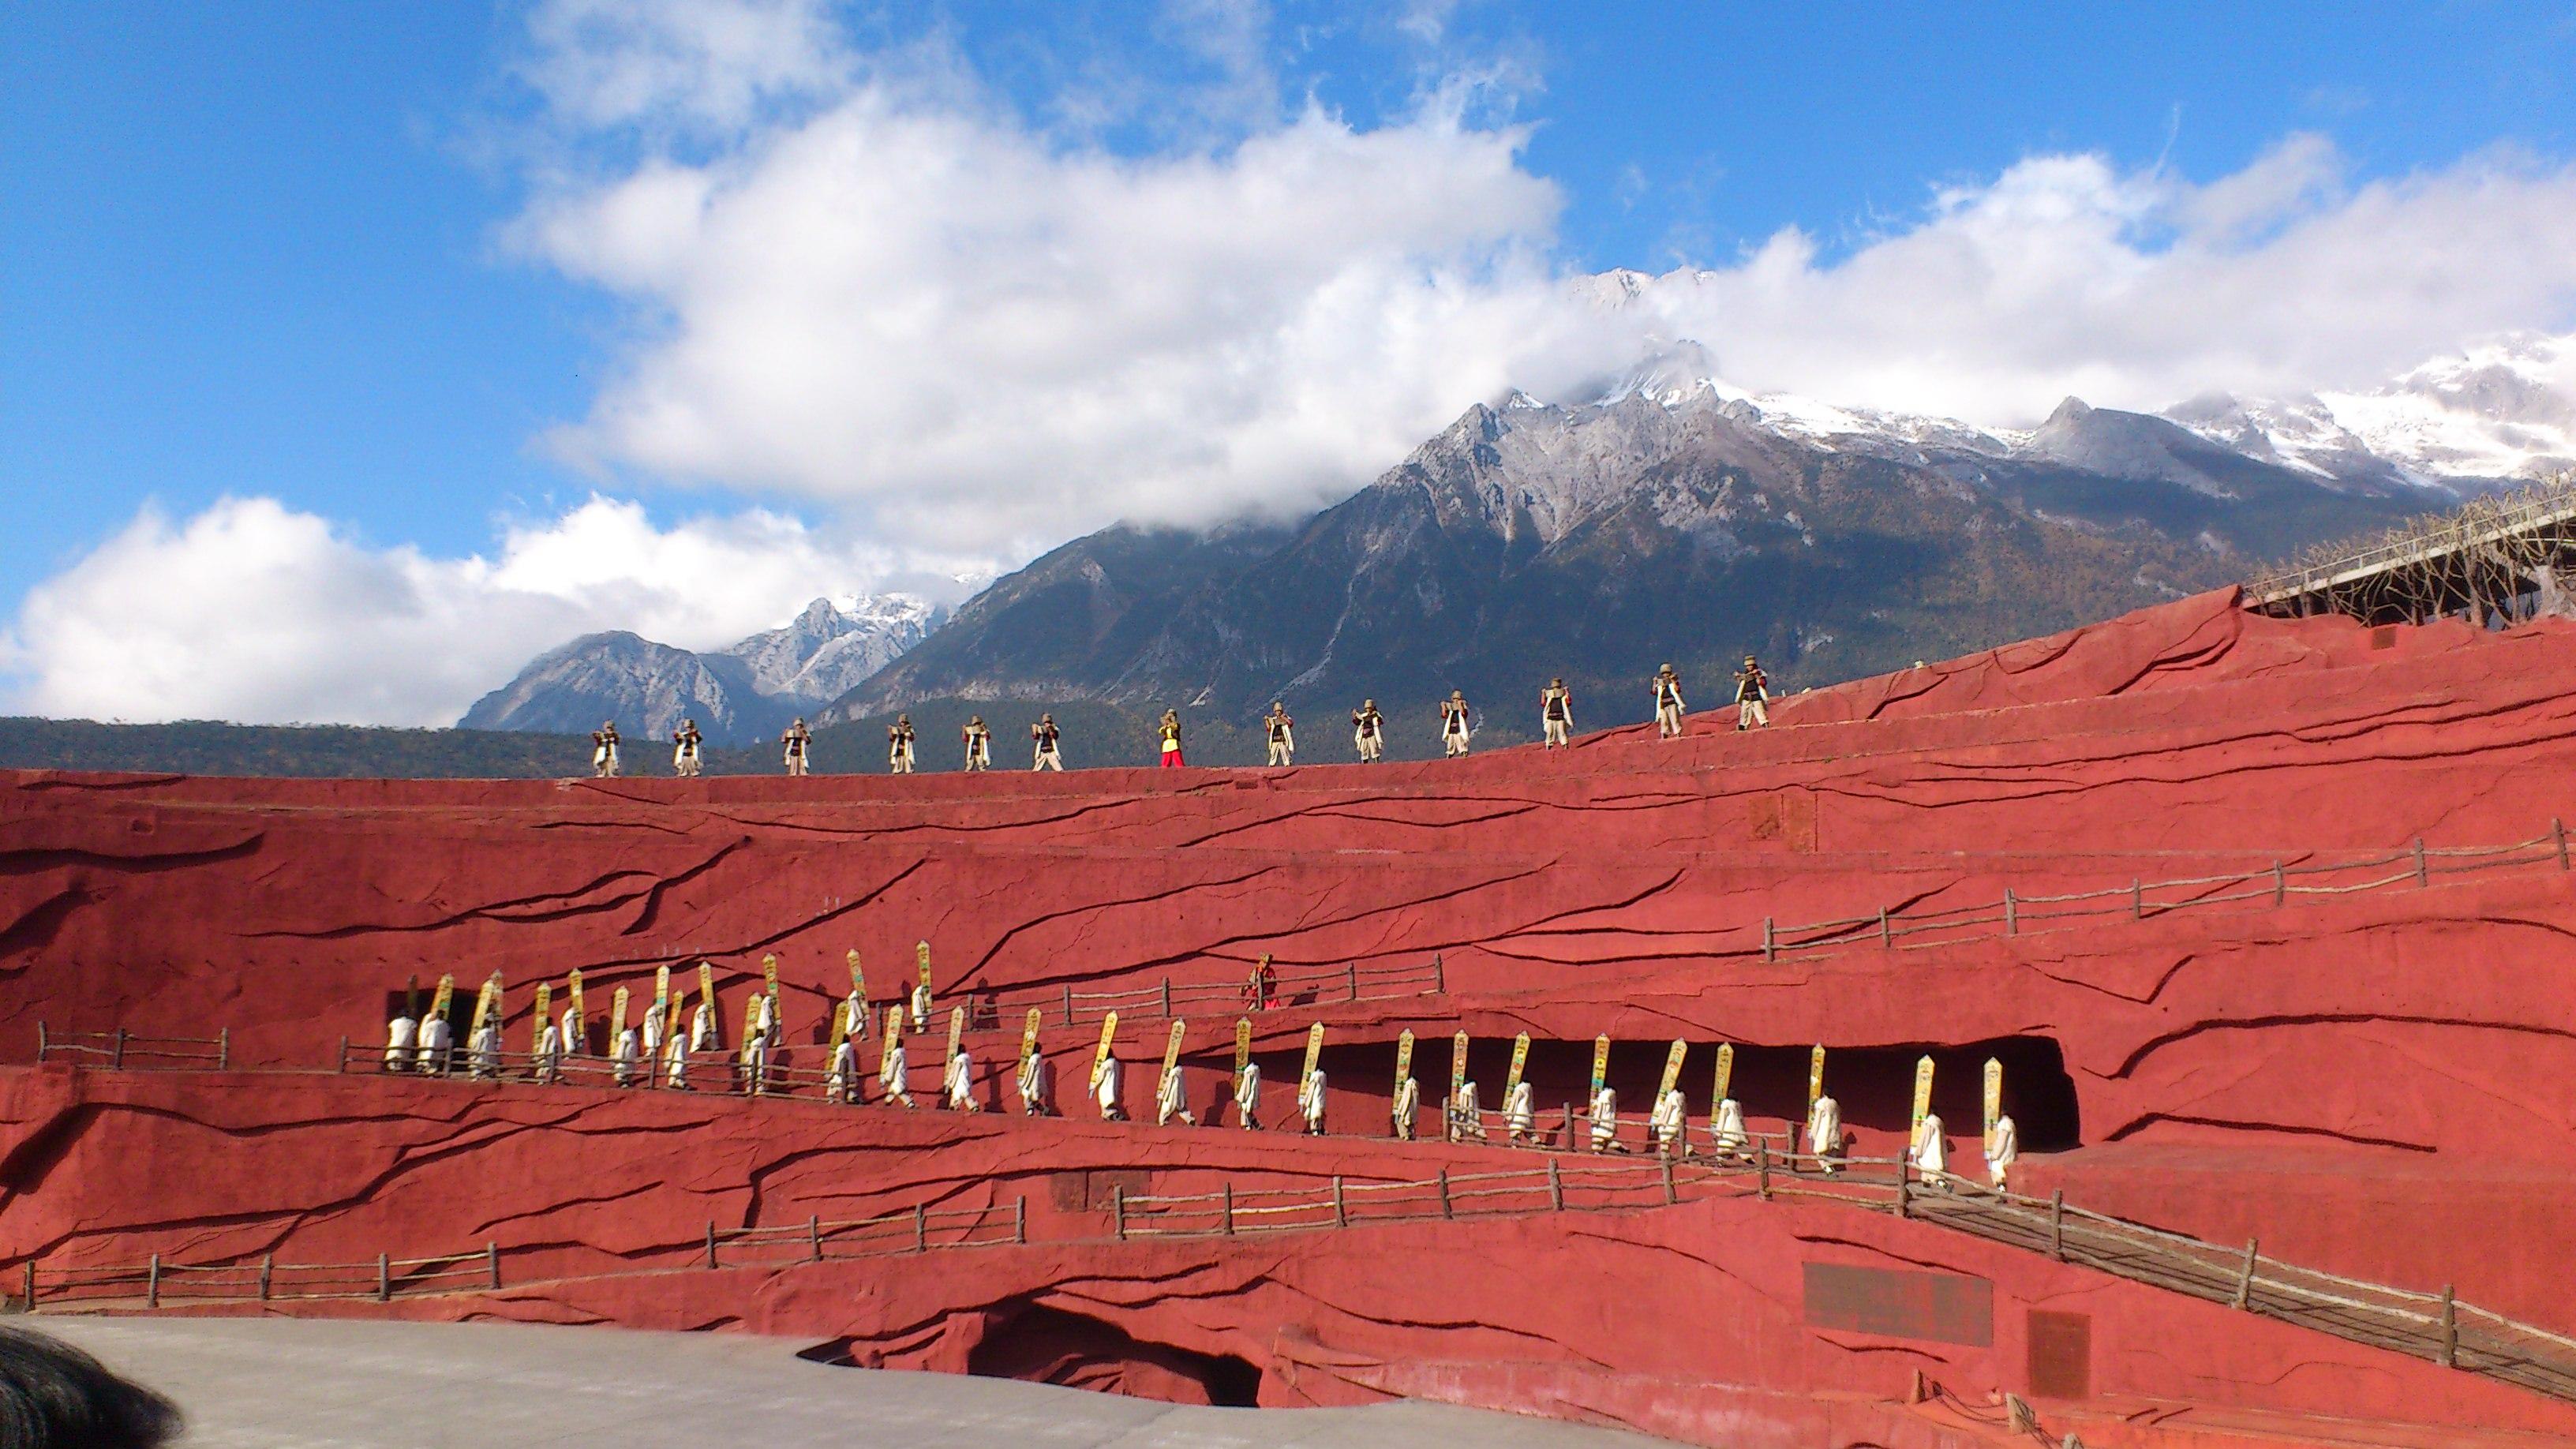 金秋丽江-香格里拉-泸沽湖之行,放飞之旅